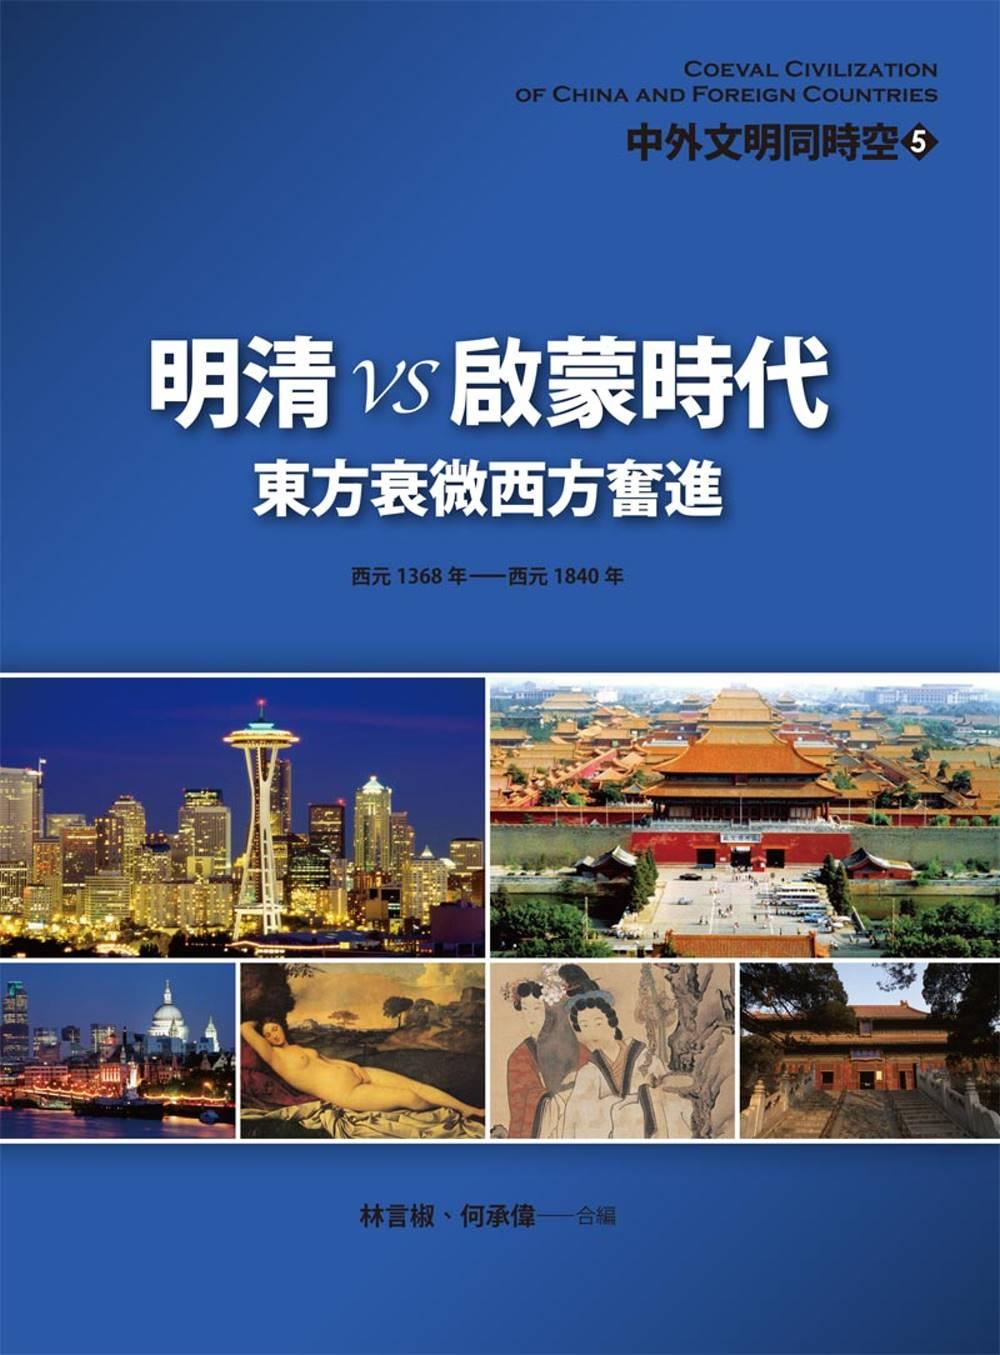 中外文明同時空5 明清VS啟蒙時代:東方衰微西方奮進